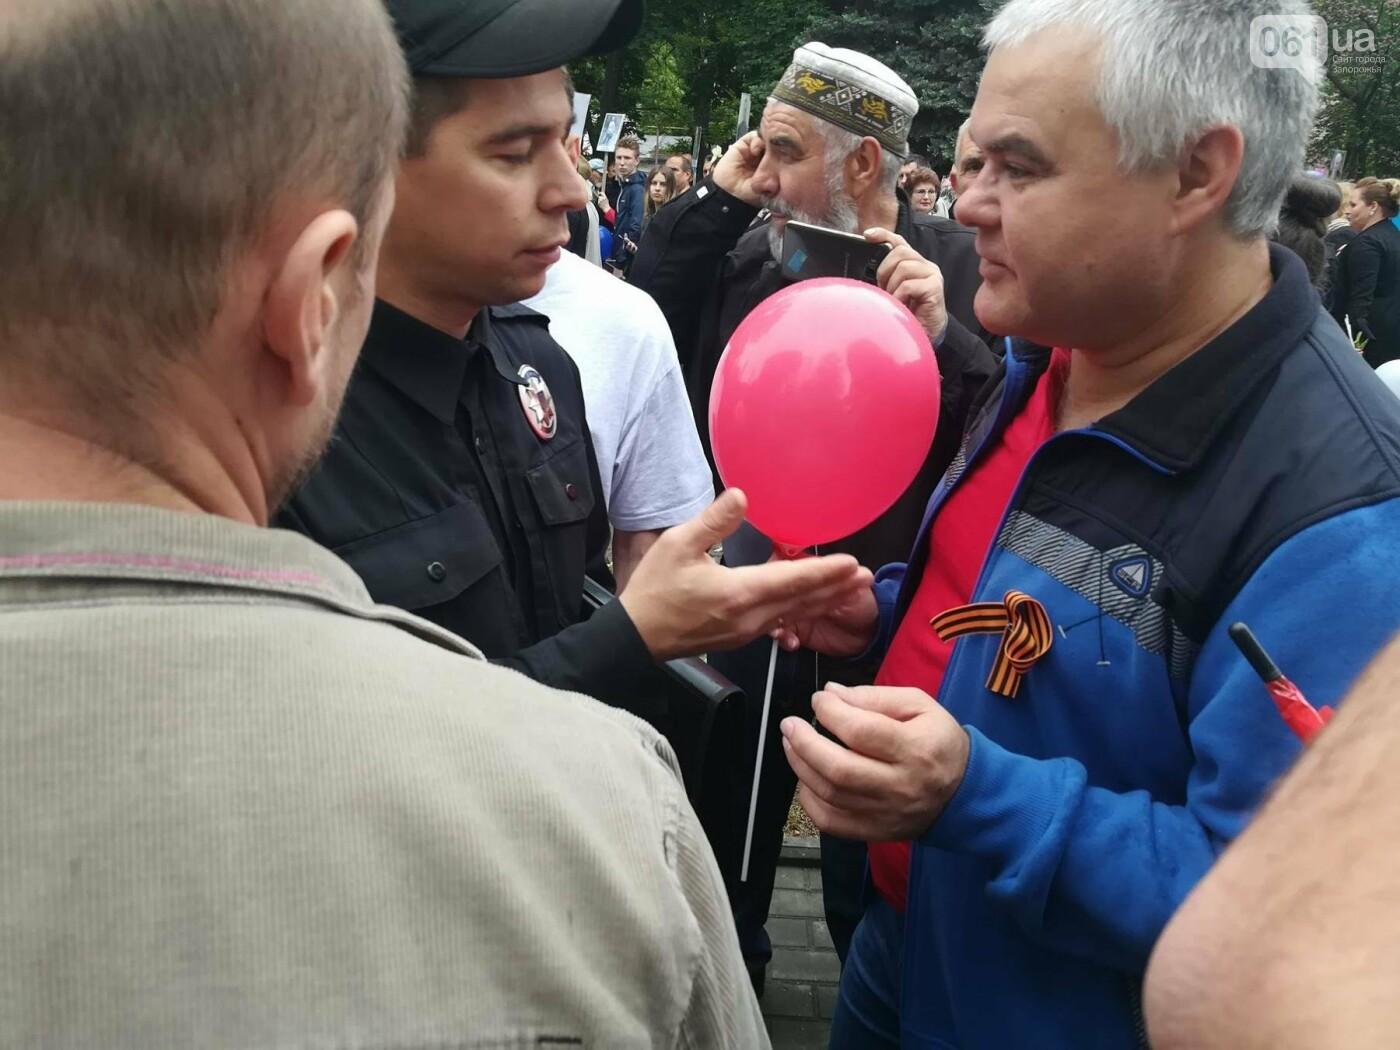 Мелитопольский суд решит, какой штраф заплатят участники митинга за запрещеную символику, фото-3